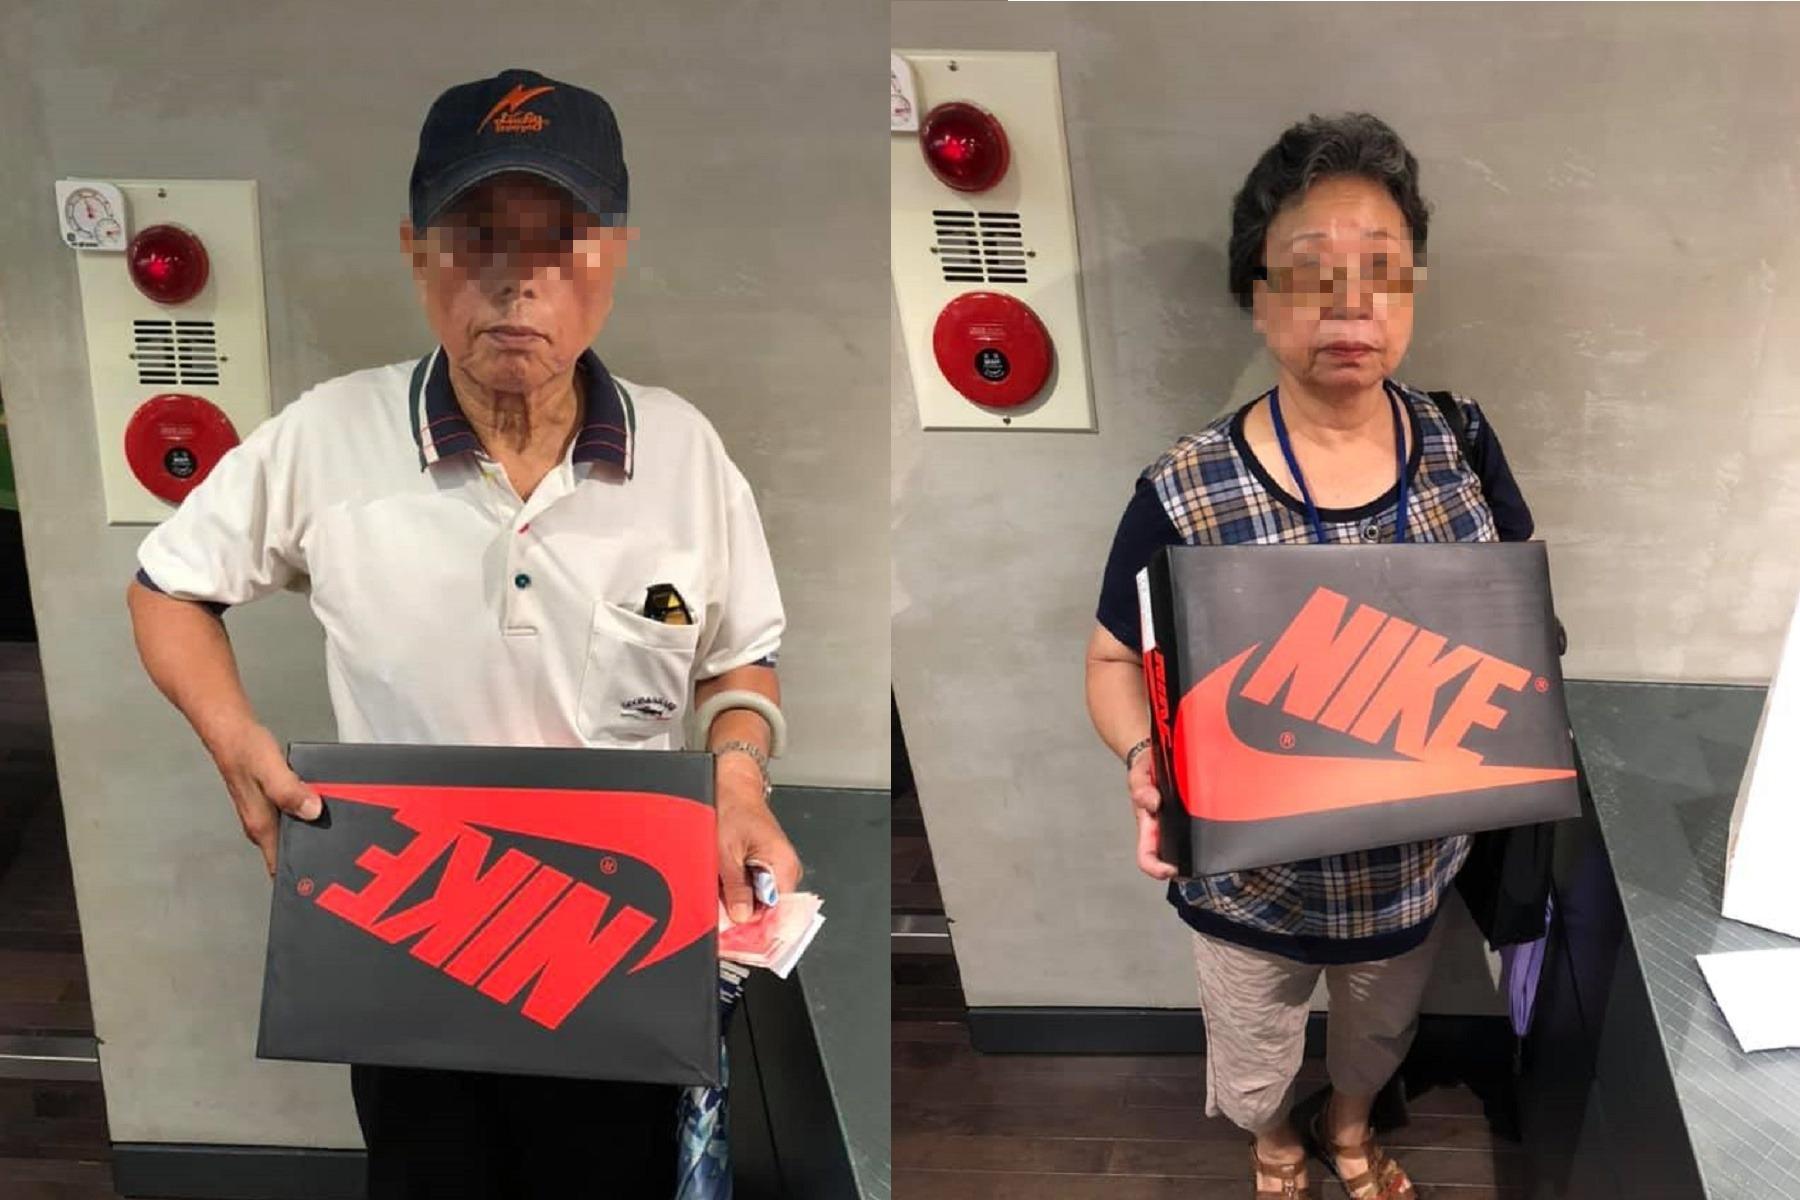 圖/翻攝自摩曼頓西寧店臉書 限量AJ1球鞋抽籤拚手氣 中籤者讓網友看到全驚呆